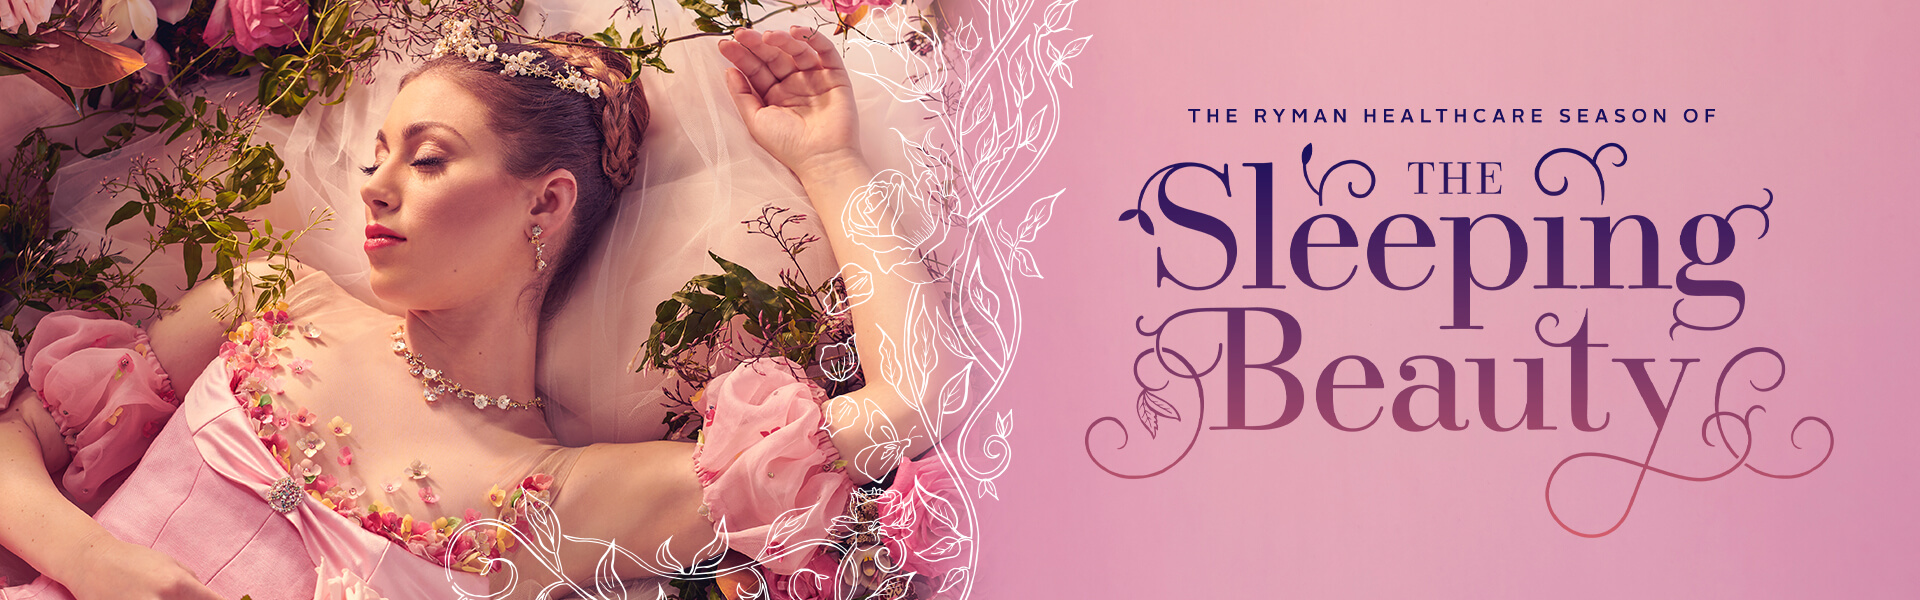 RNZB Sleeping Beauty Website Banner 1920x600